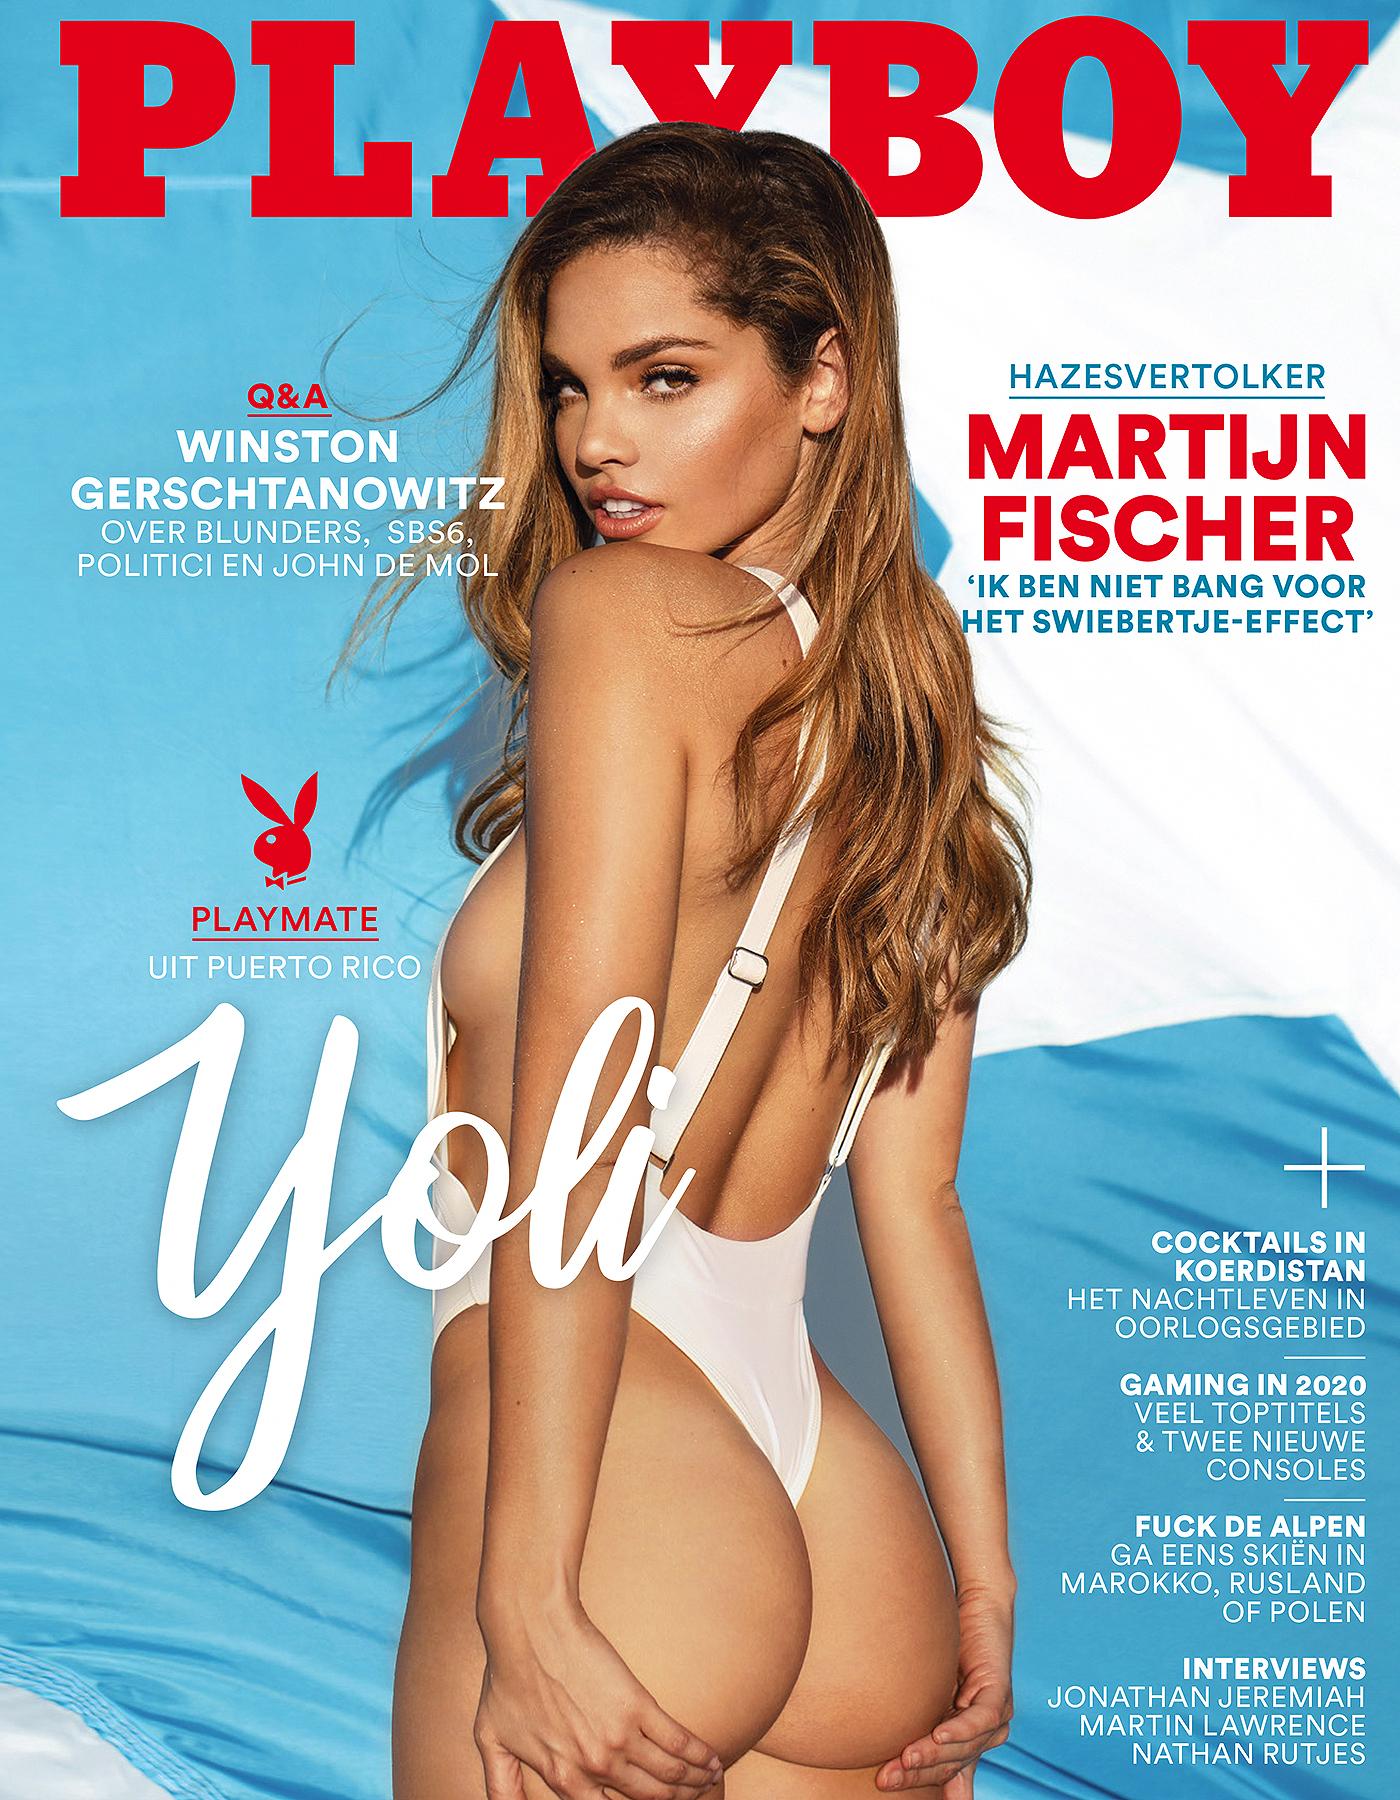 Ana Dias Playboy cover - Yoli Lara